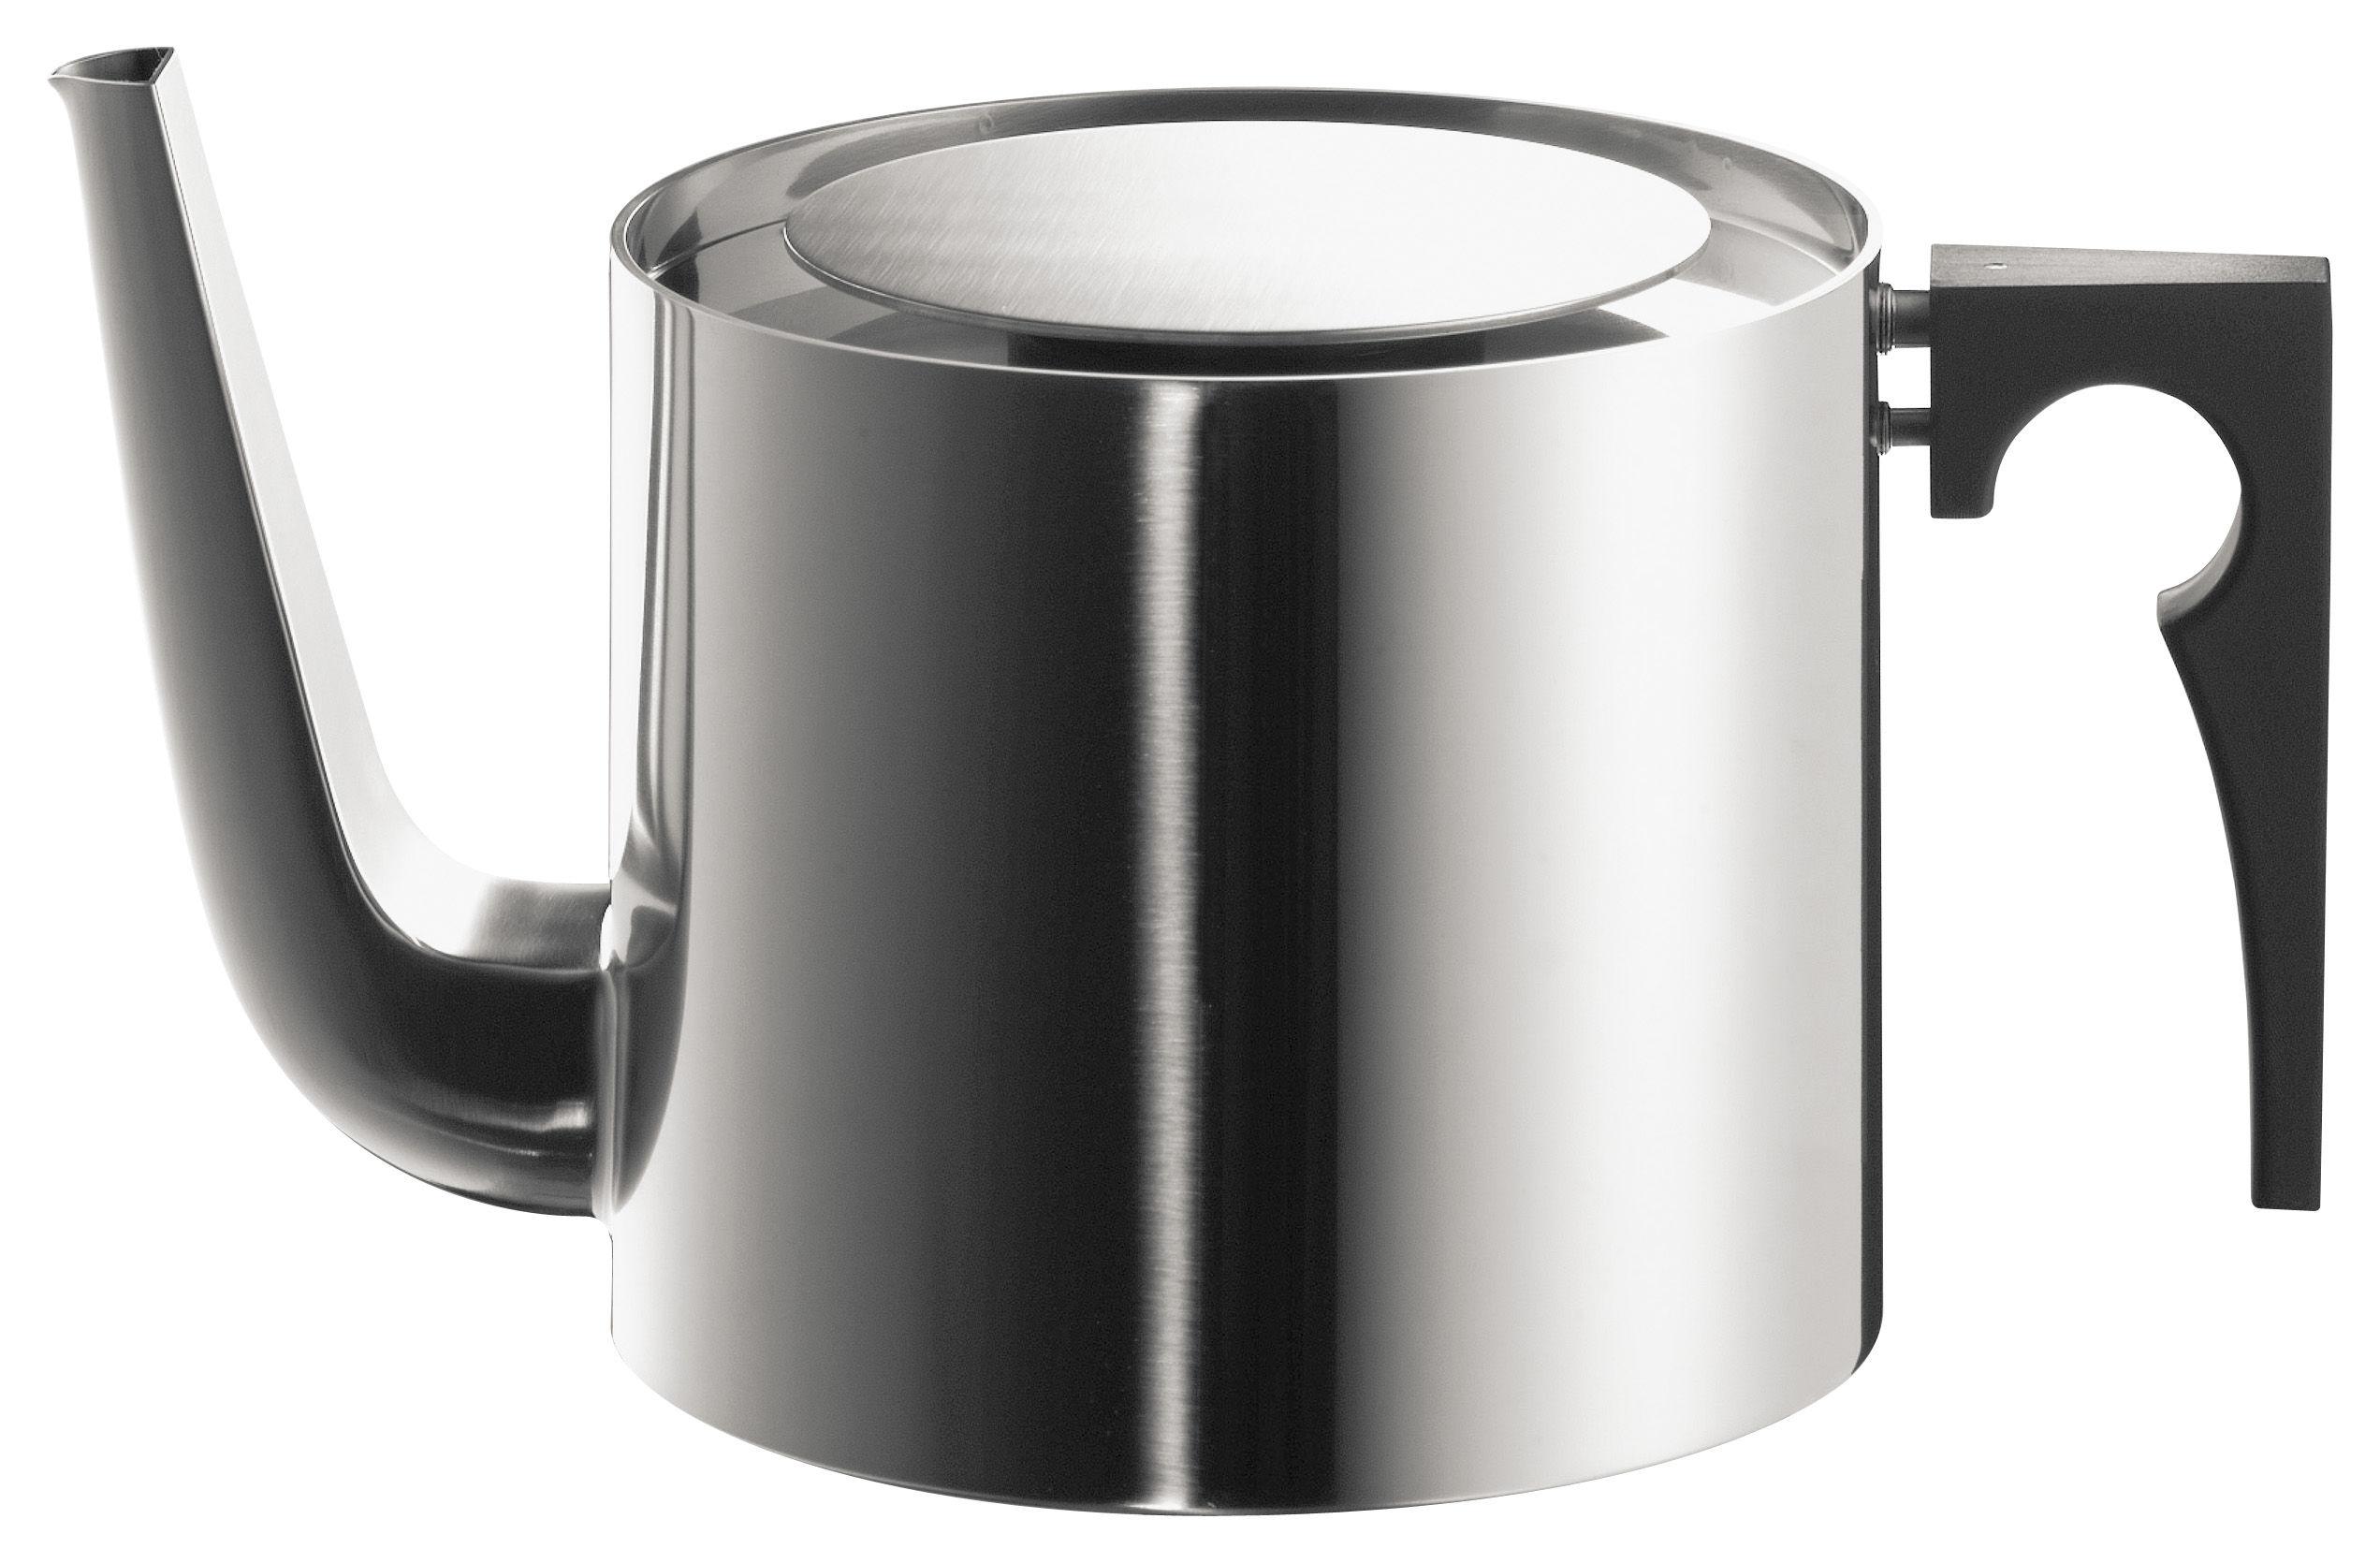 Tischkultur - Tee und Kaffee - Cylinda Line Teekanne - Stelton - 1,25 l / Edelstahl - Bakelit, polierter rostfreier Stahl